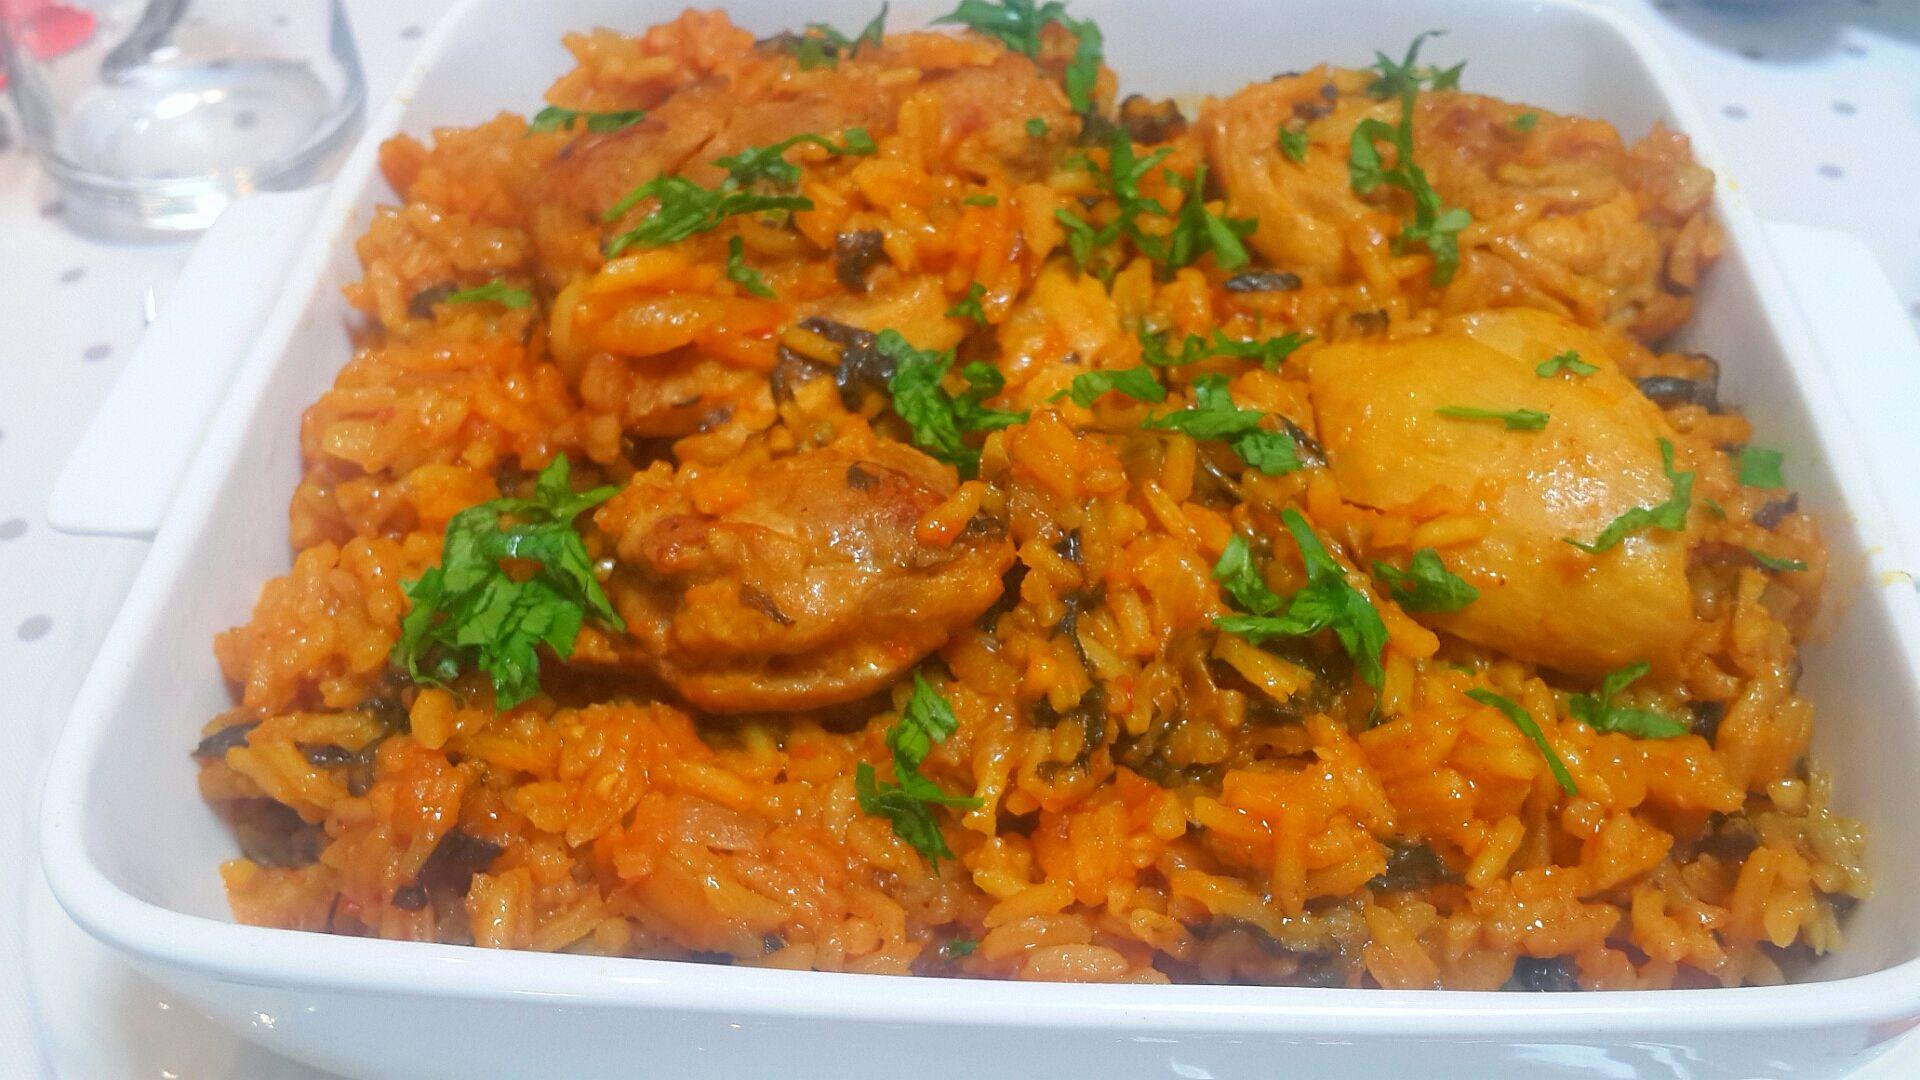 מתכון לתבשיל סטייק פרגיות עם אורז